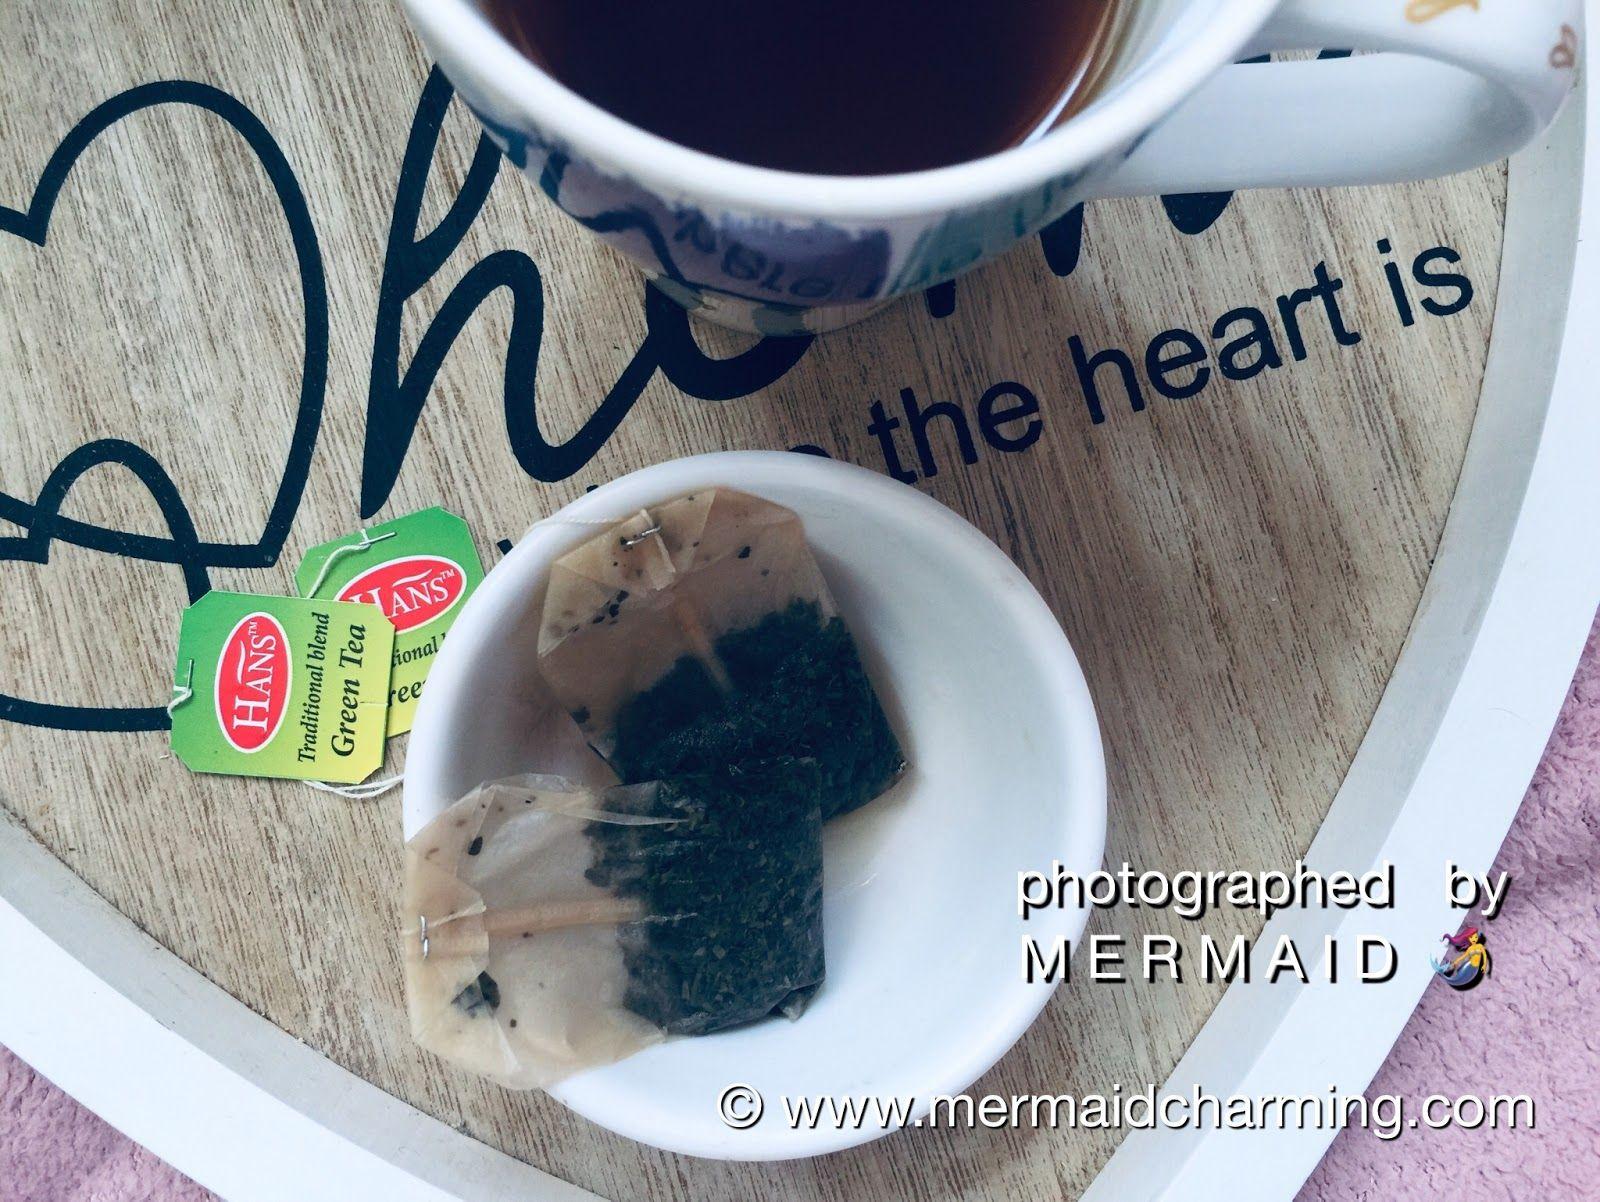 كمادات الشاى الاخضر علاج تورم العين و الهالات السوداء التخلص من ارهاق العين فوائد الشاى الاخضر للعين Puff Eyes Green Tea Bags Green Tea Tea Bag